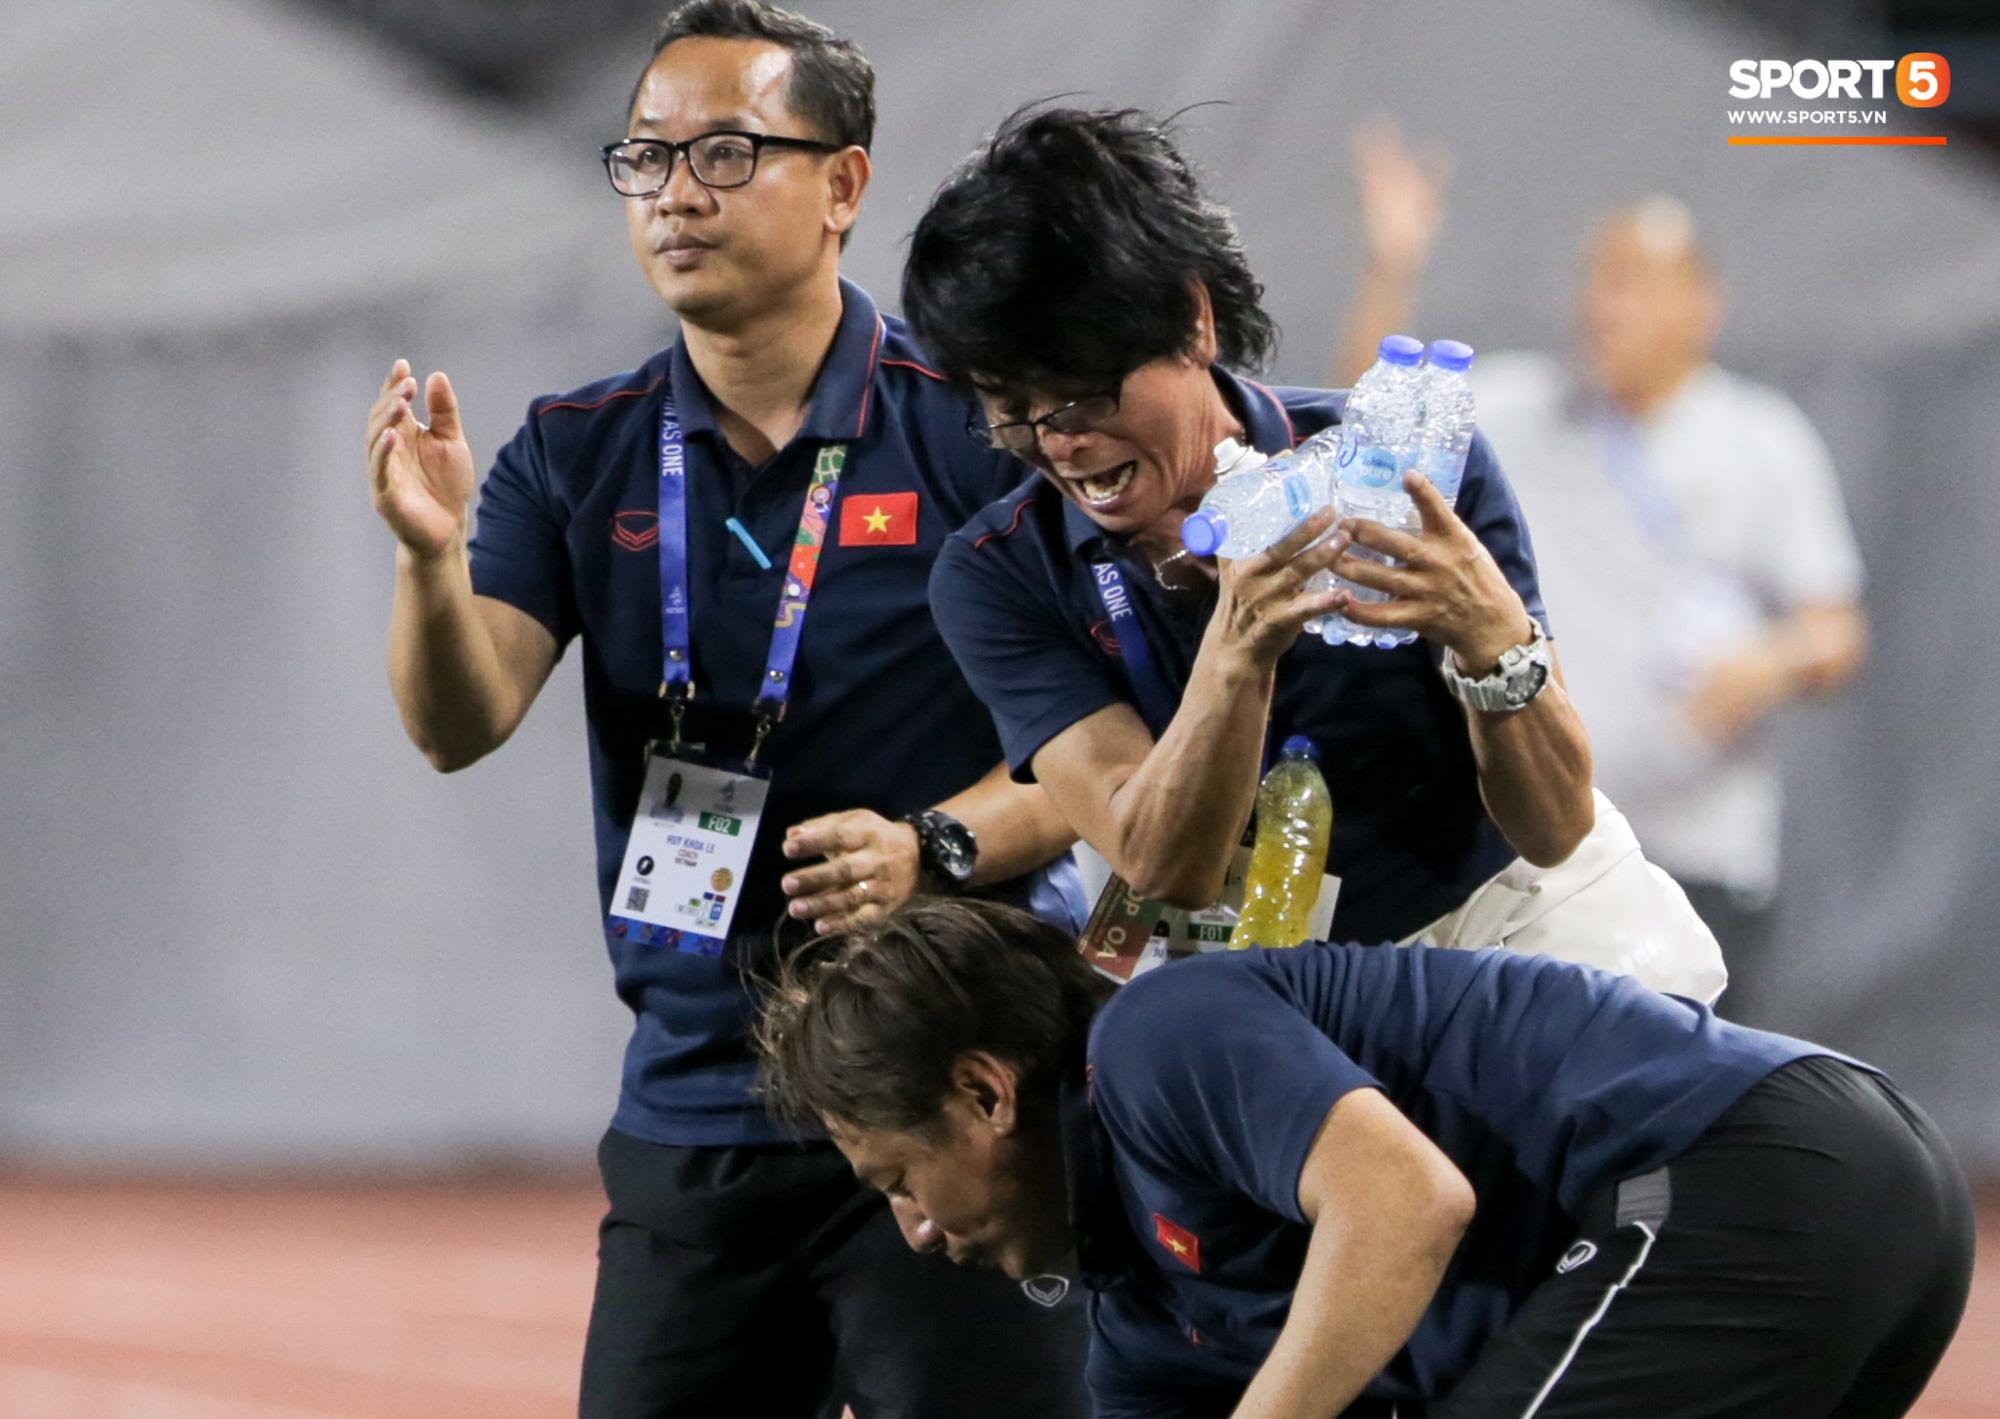 Hình ảnh vừa buồn cười, vừa thương khi bác sĩ của U22 Việt Nam hối hả tiếp nước cho cầu thủ ở trận thắng Indonesia - Ảnh 4.